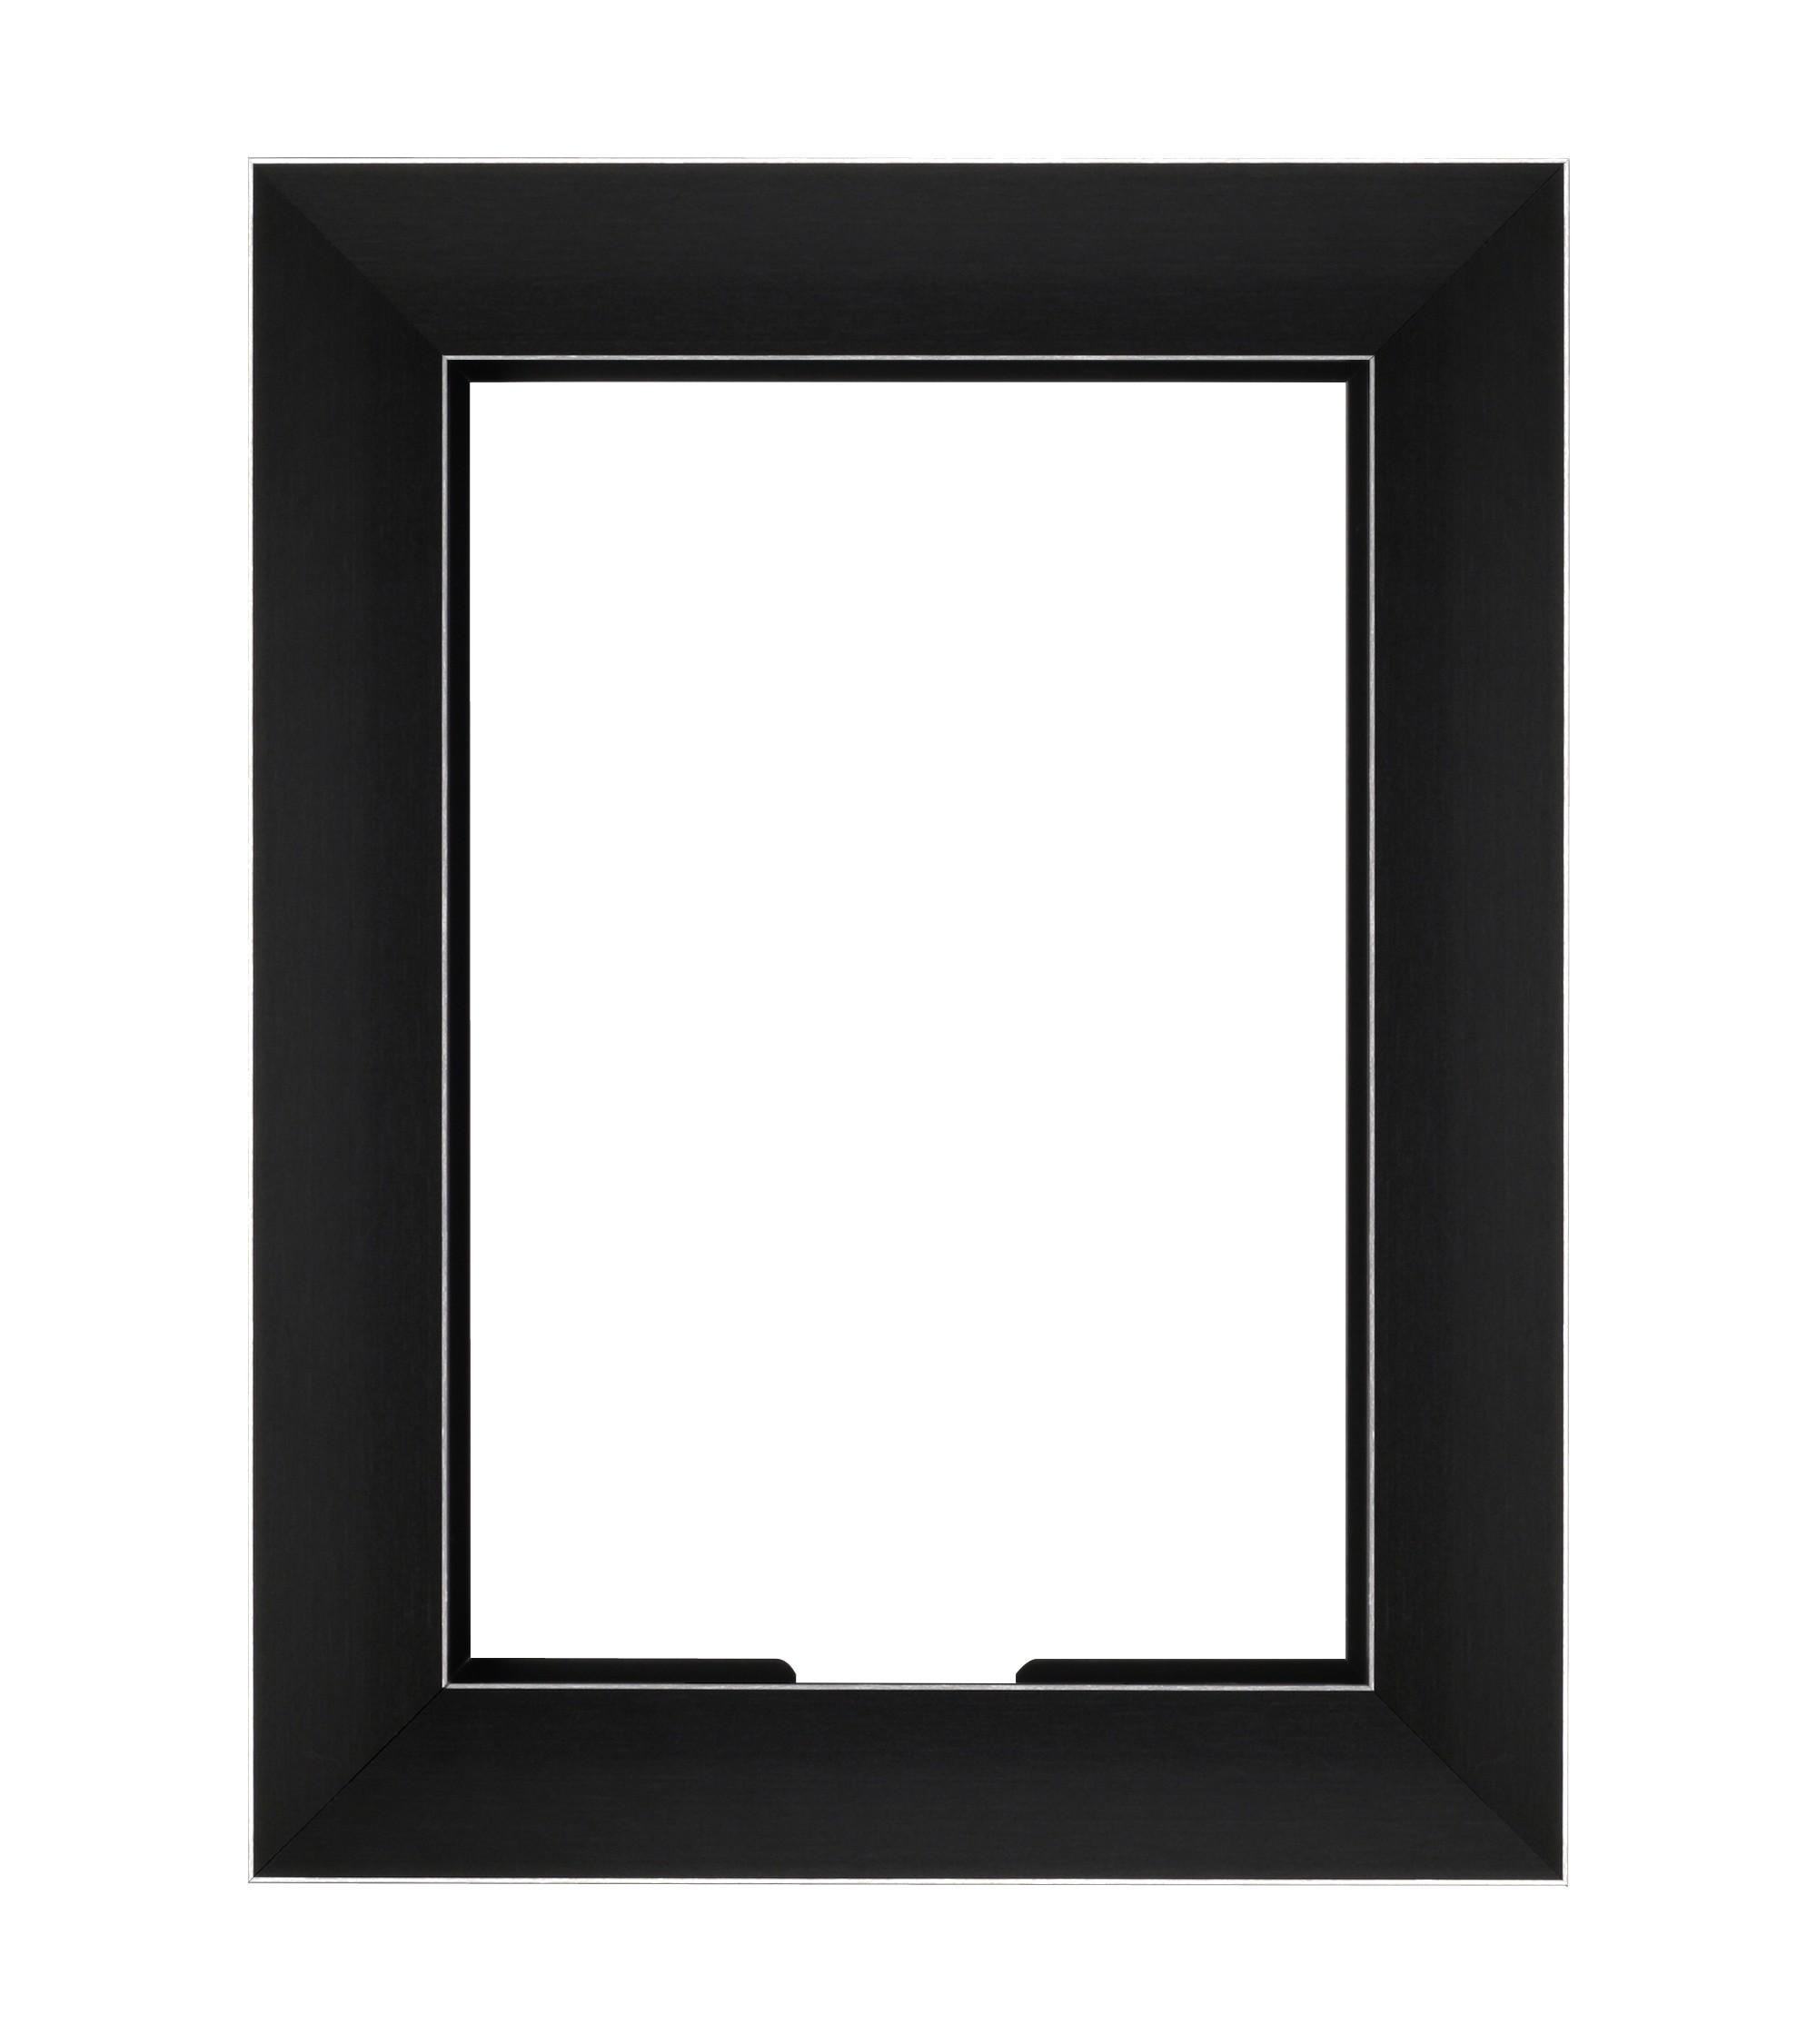 Vidamount Wall Frame Ipad Air 1 Amp 2 Black Metalline